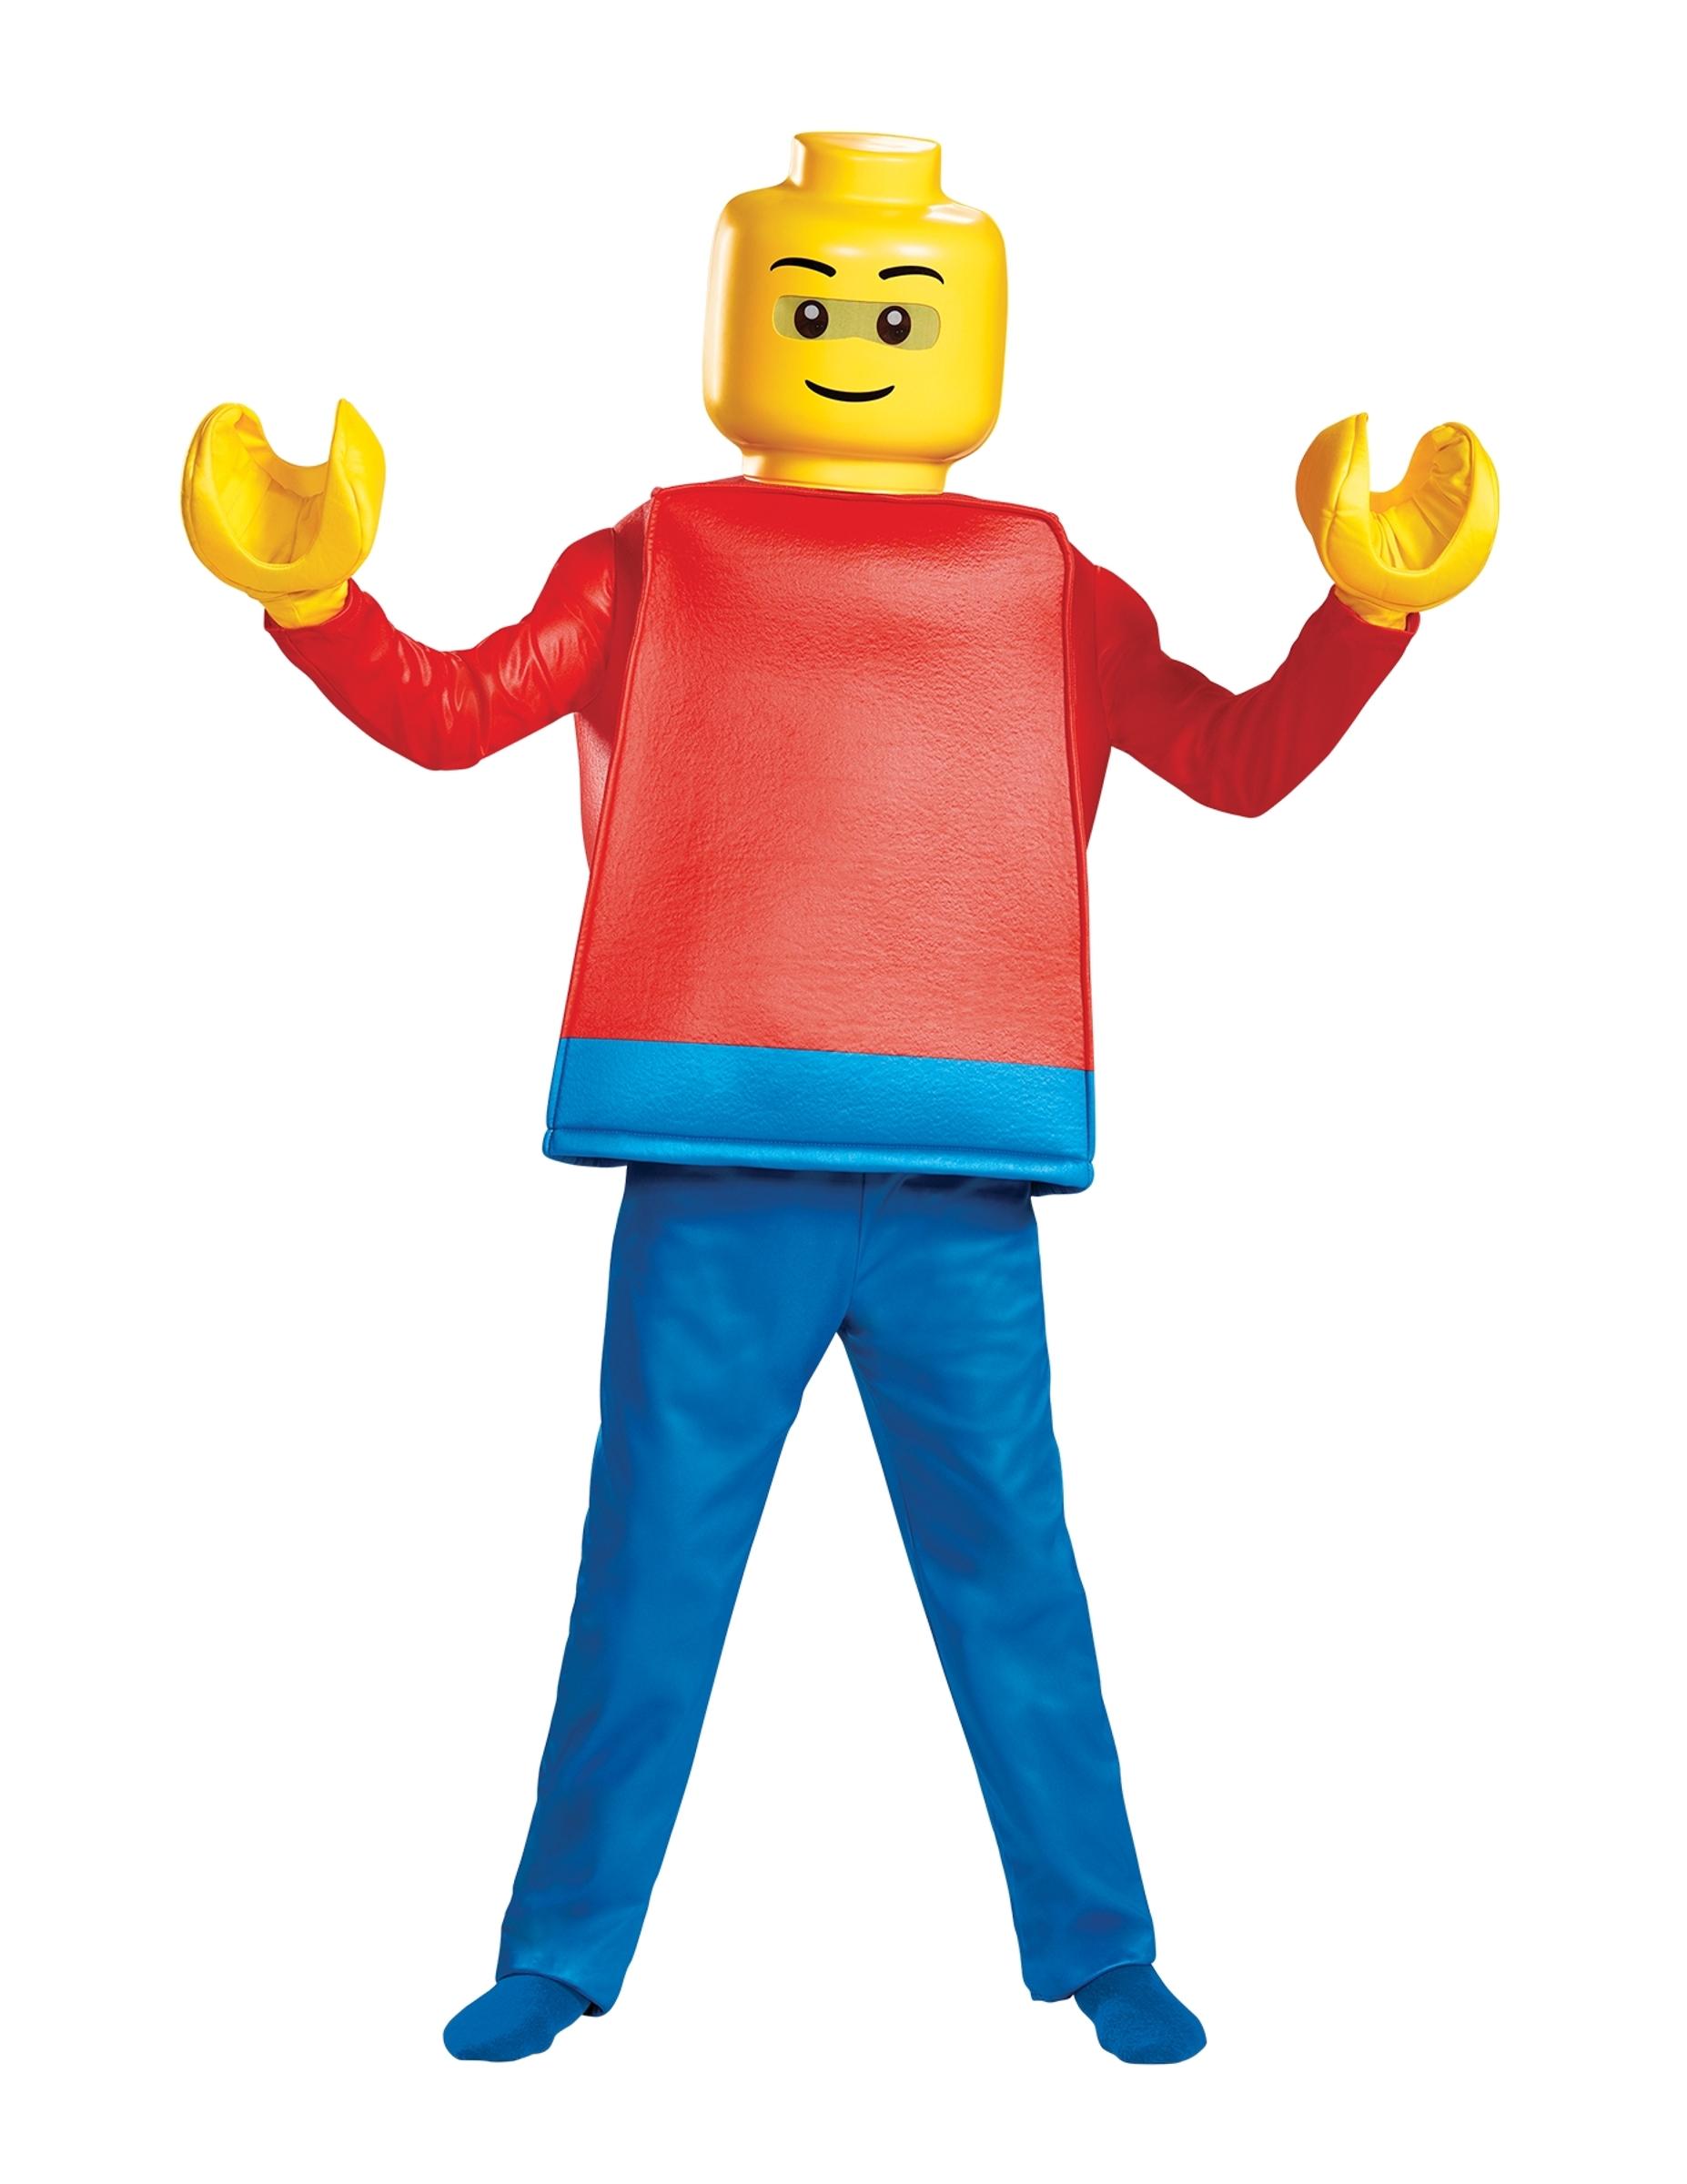 5006012 virallinen lego 5006012 kaupasta fi